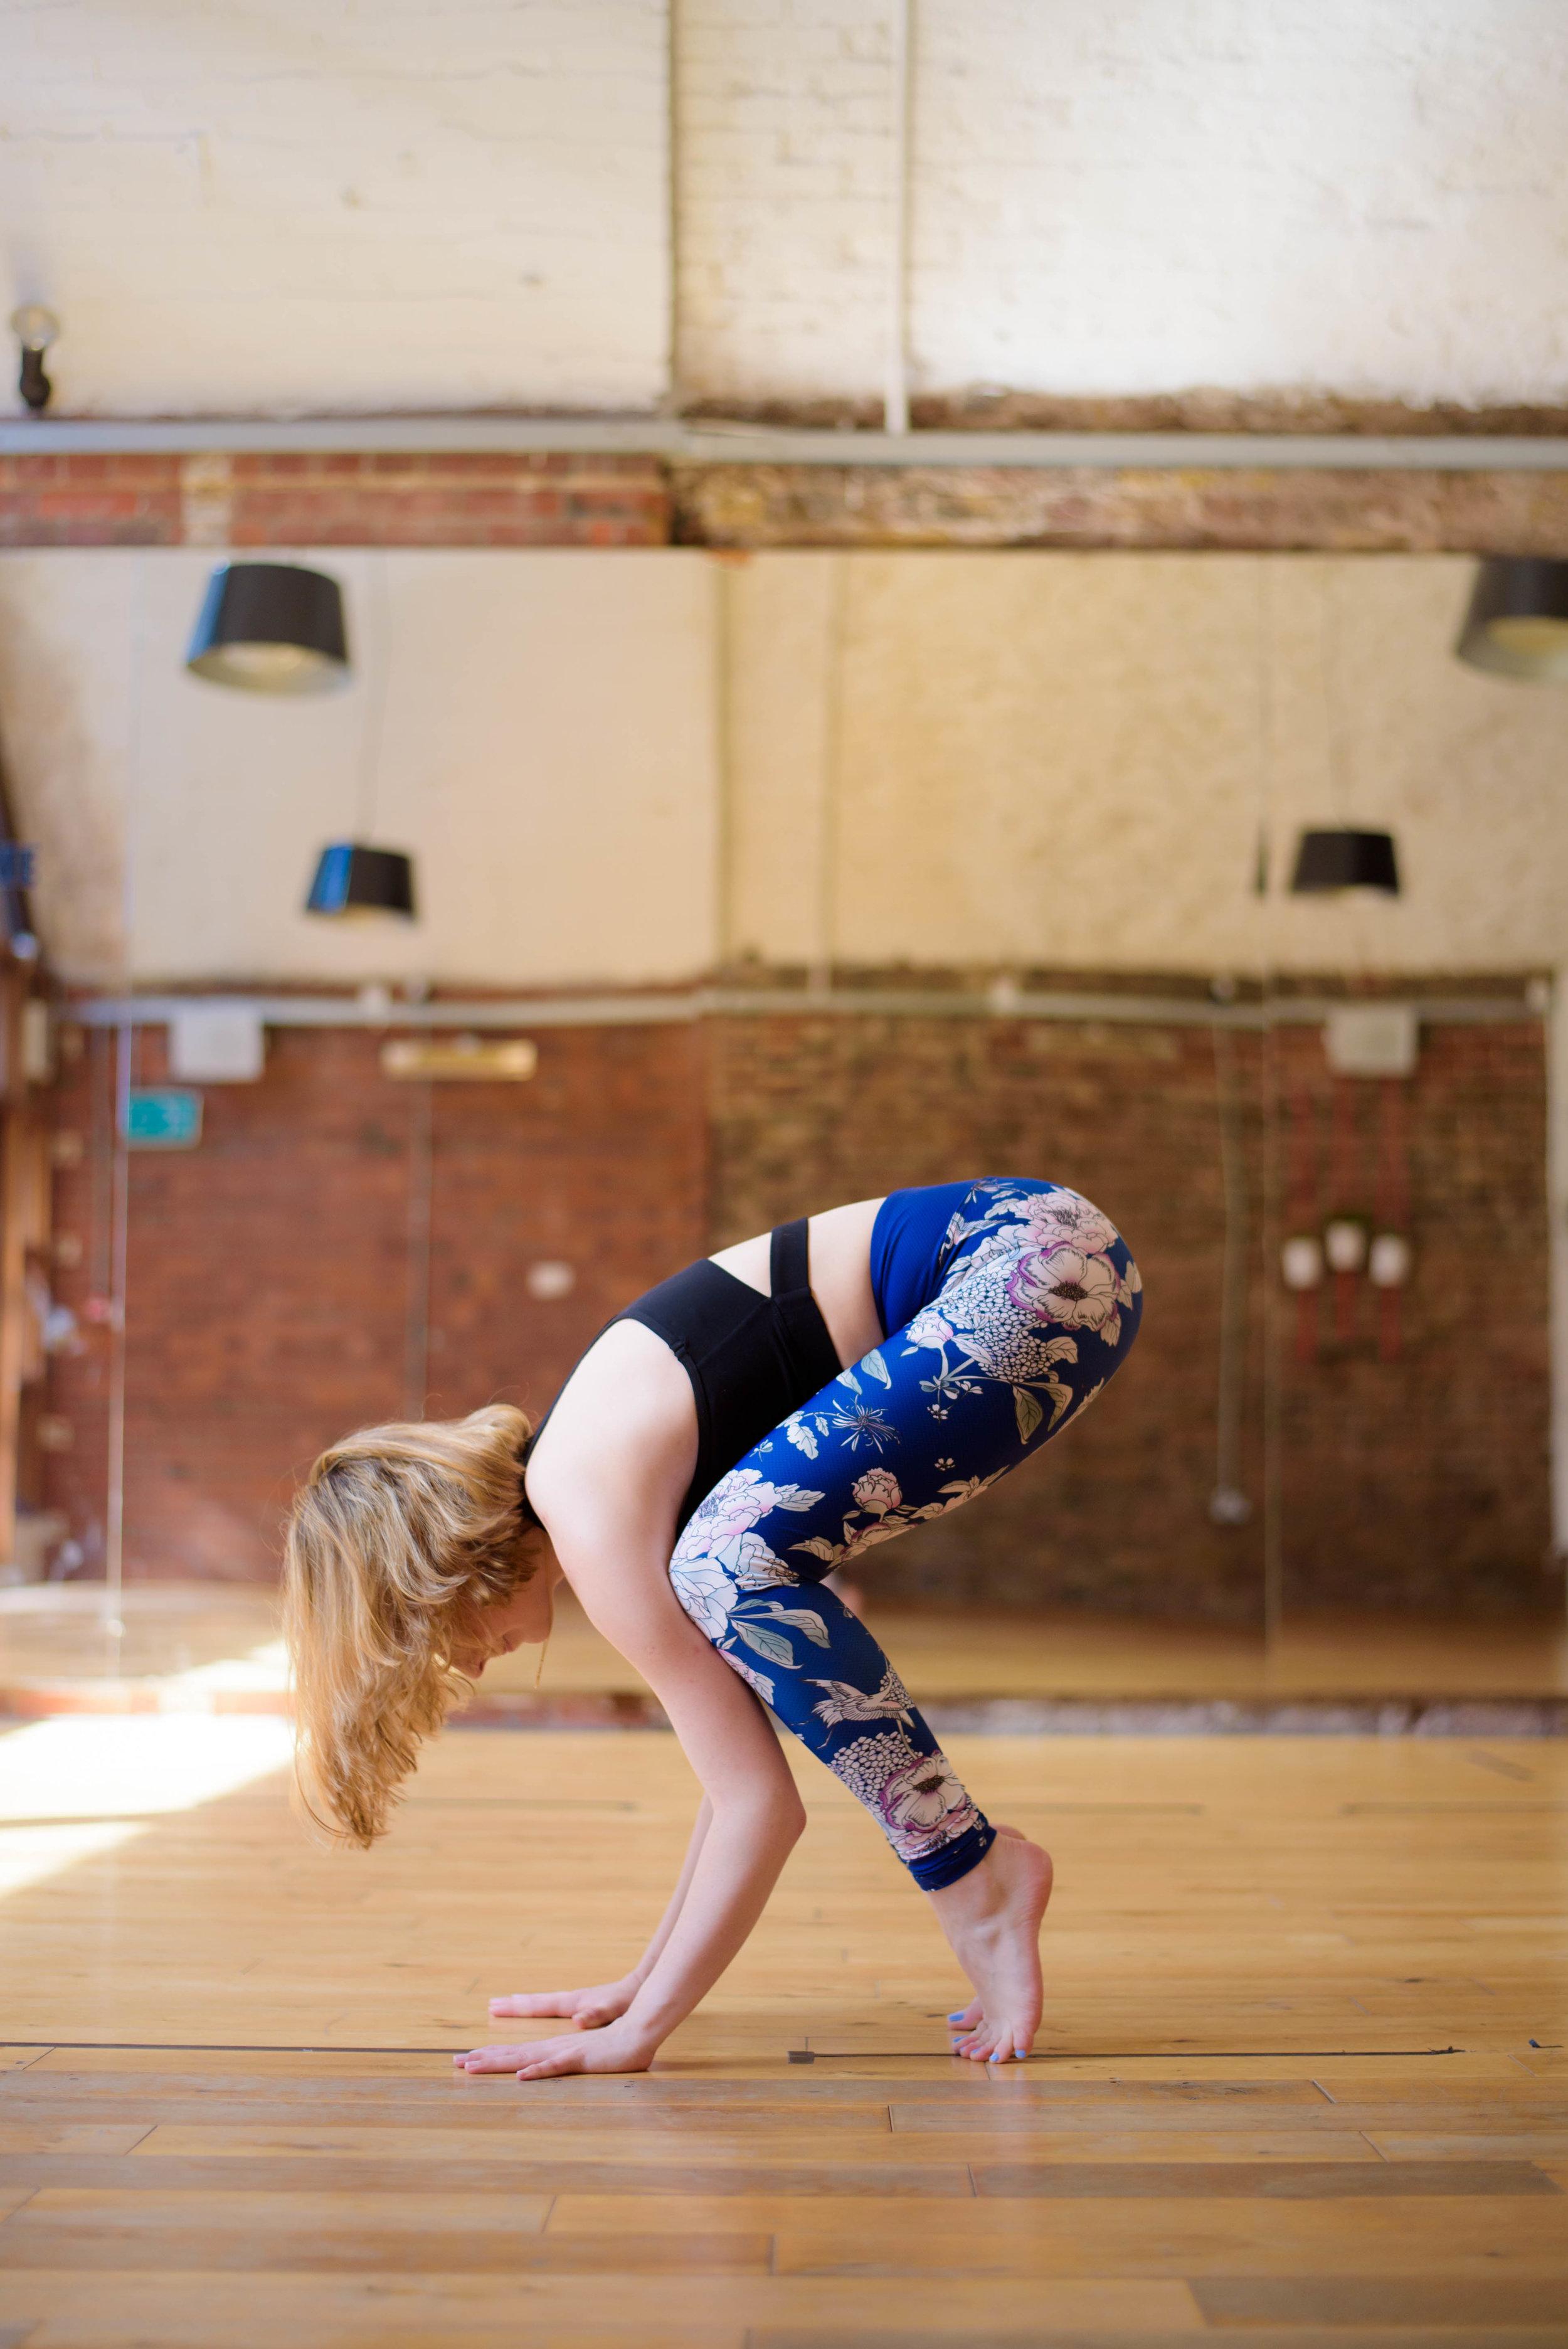 Inspiring yoga photos